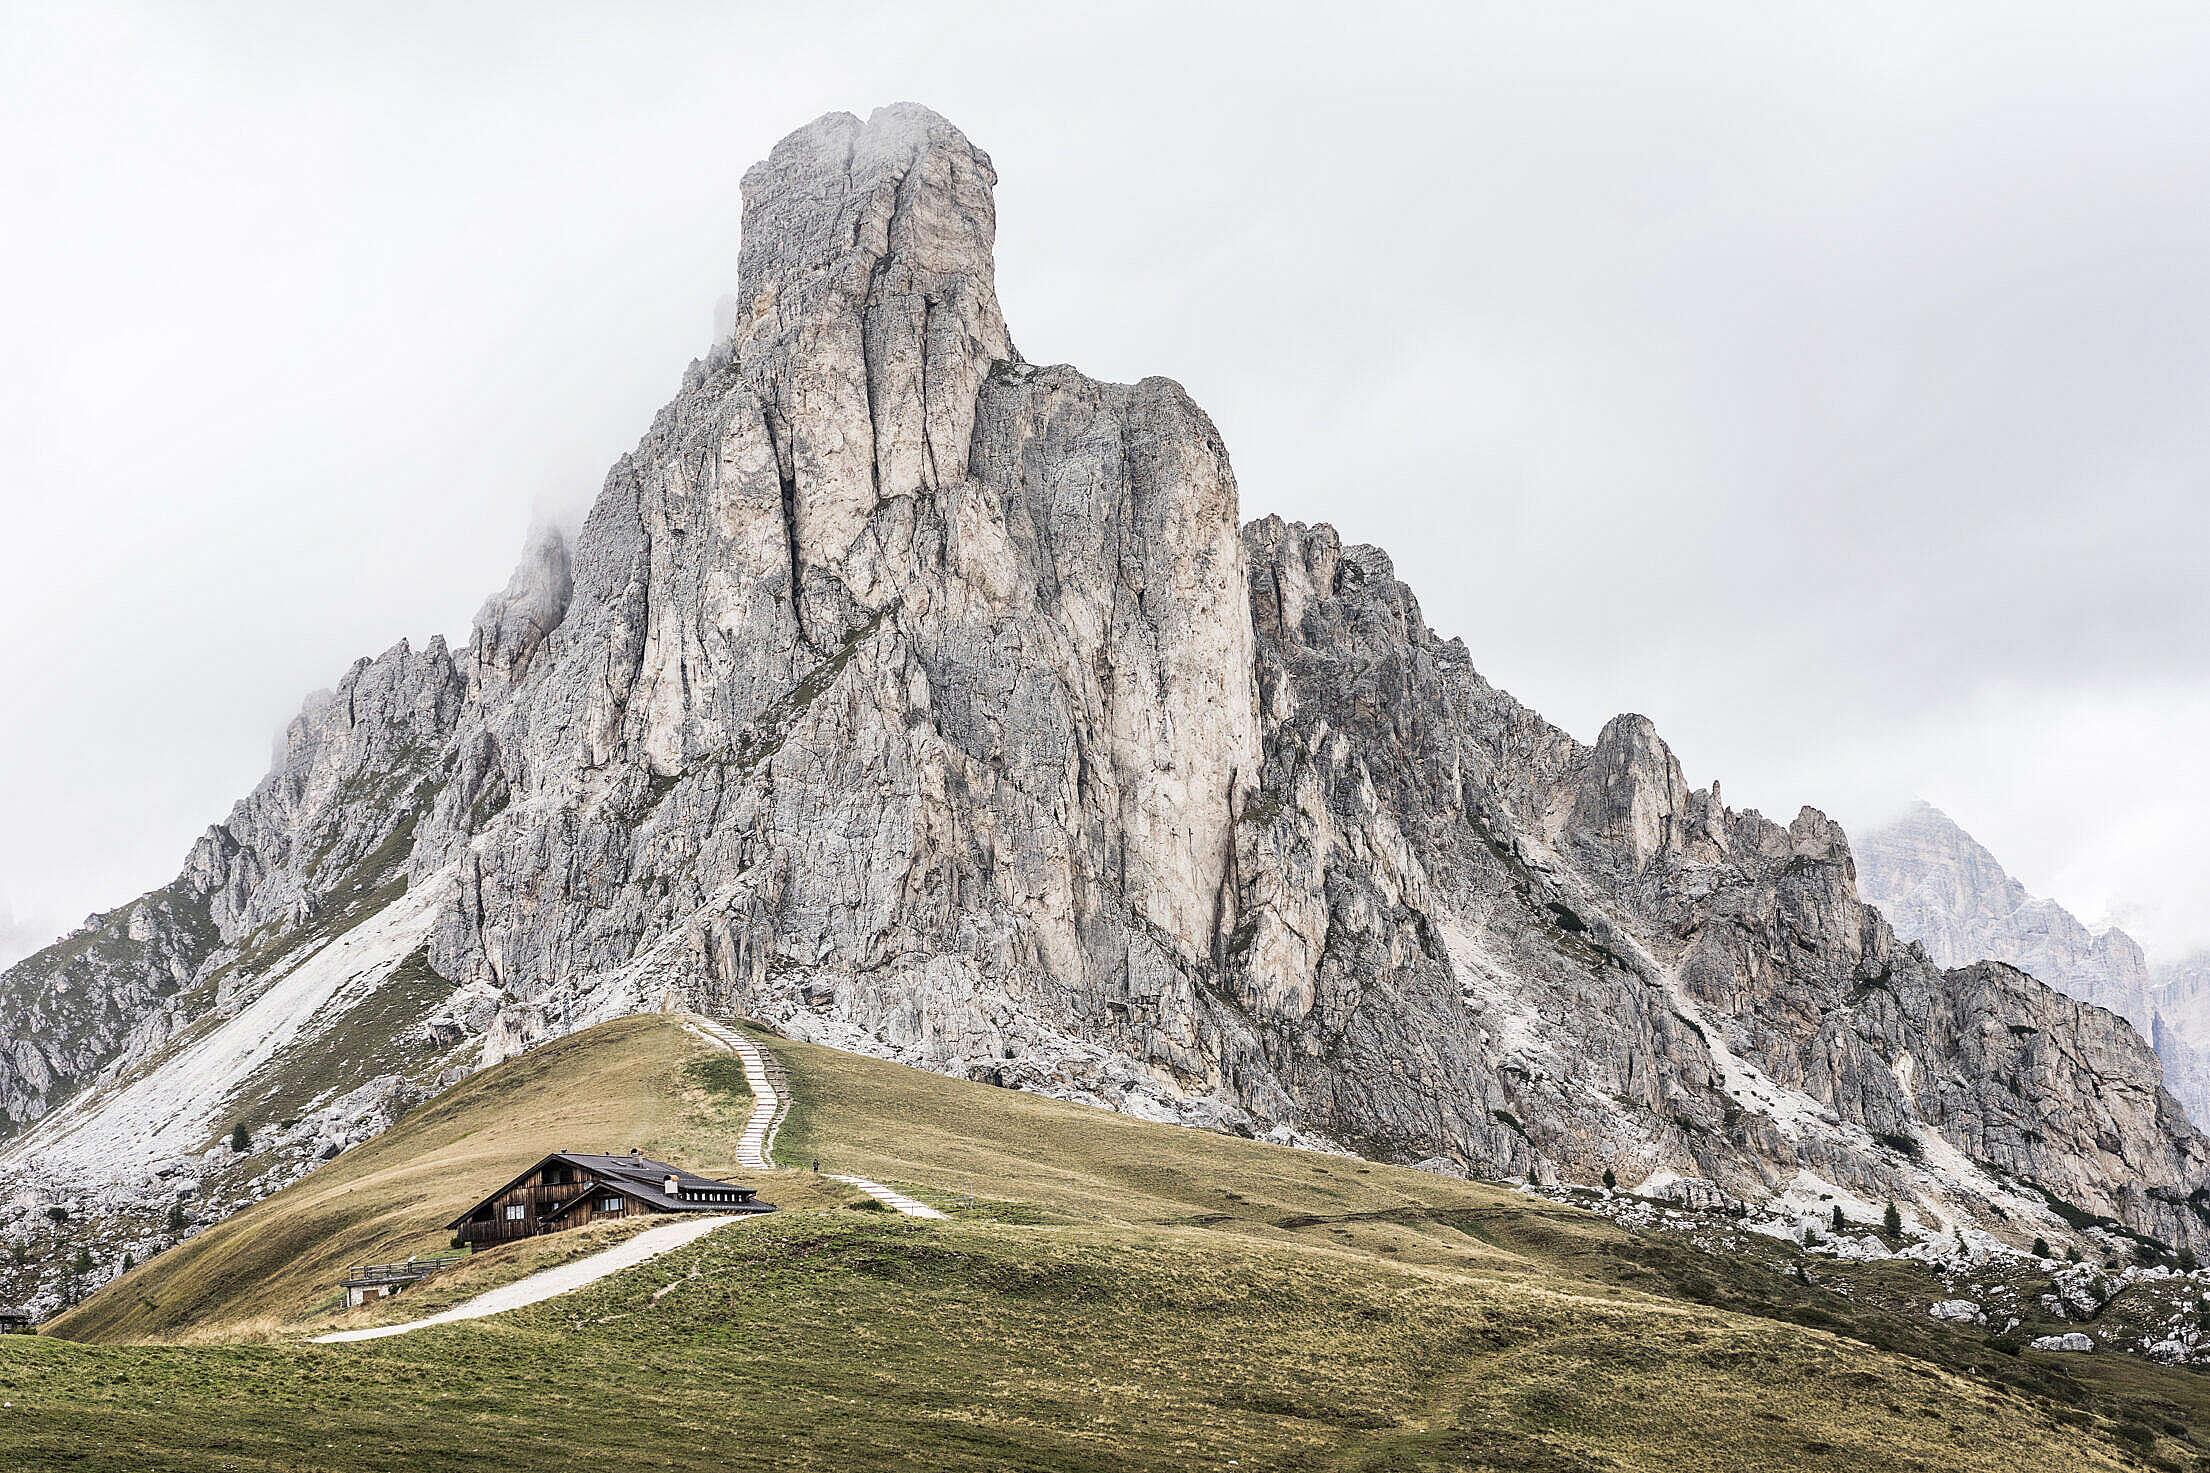 Giau Pass Mountain La Gusela Peak, Dolomites, Italy Free Stock Photo